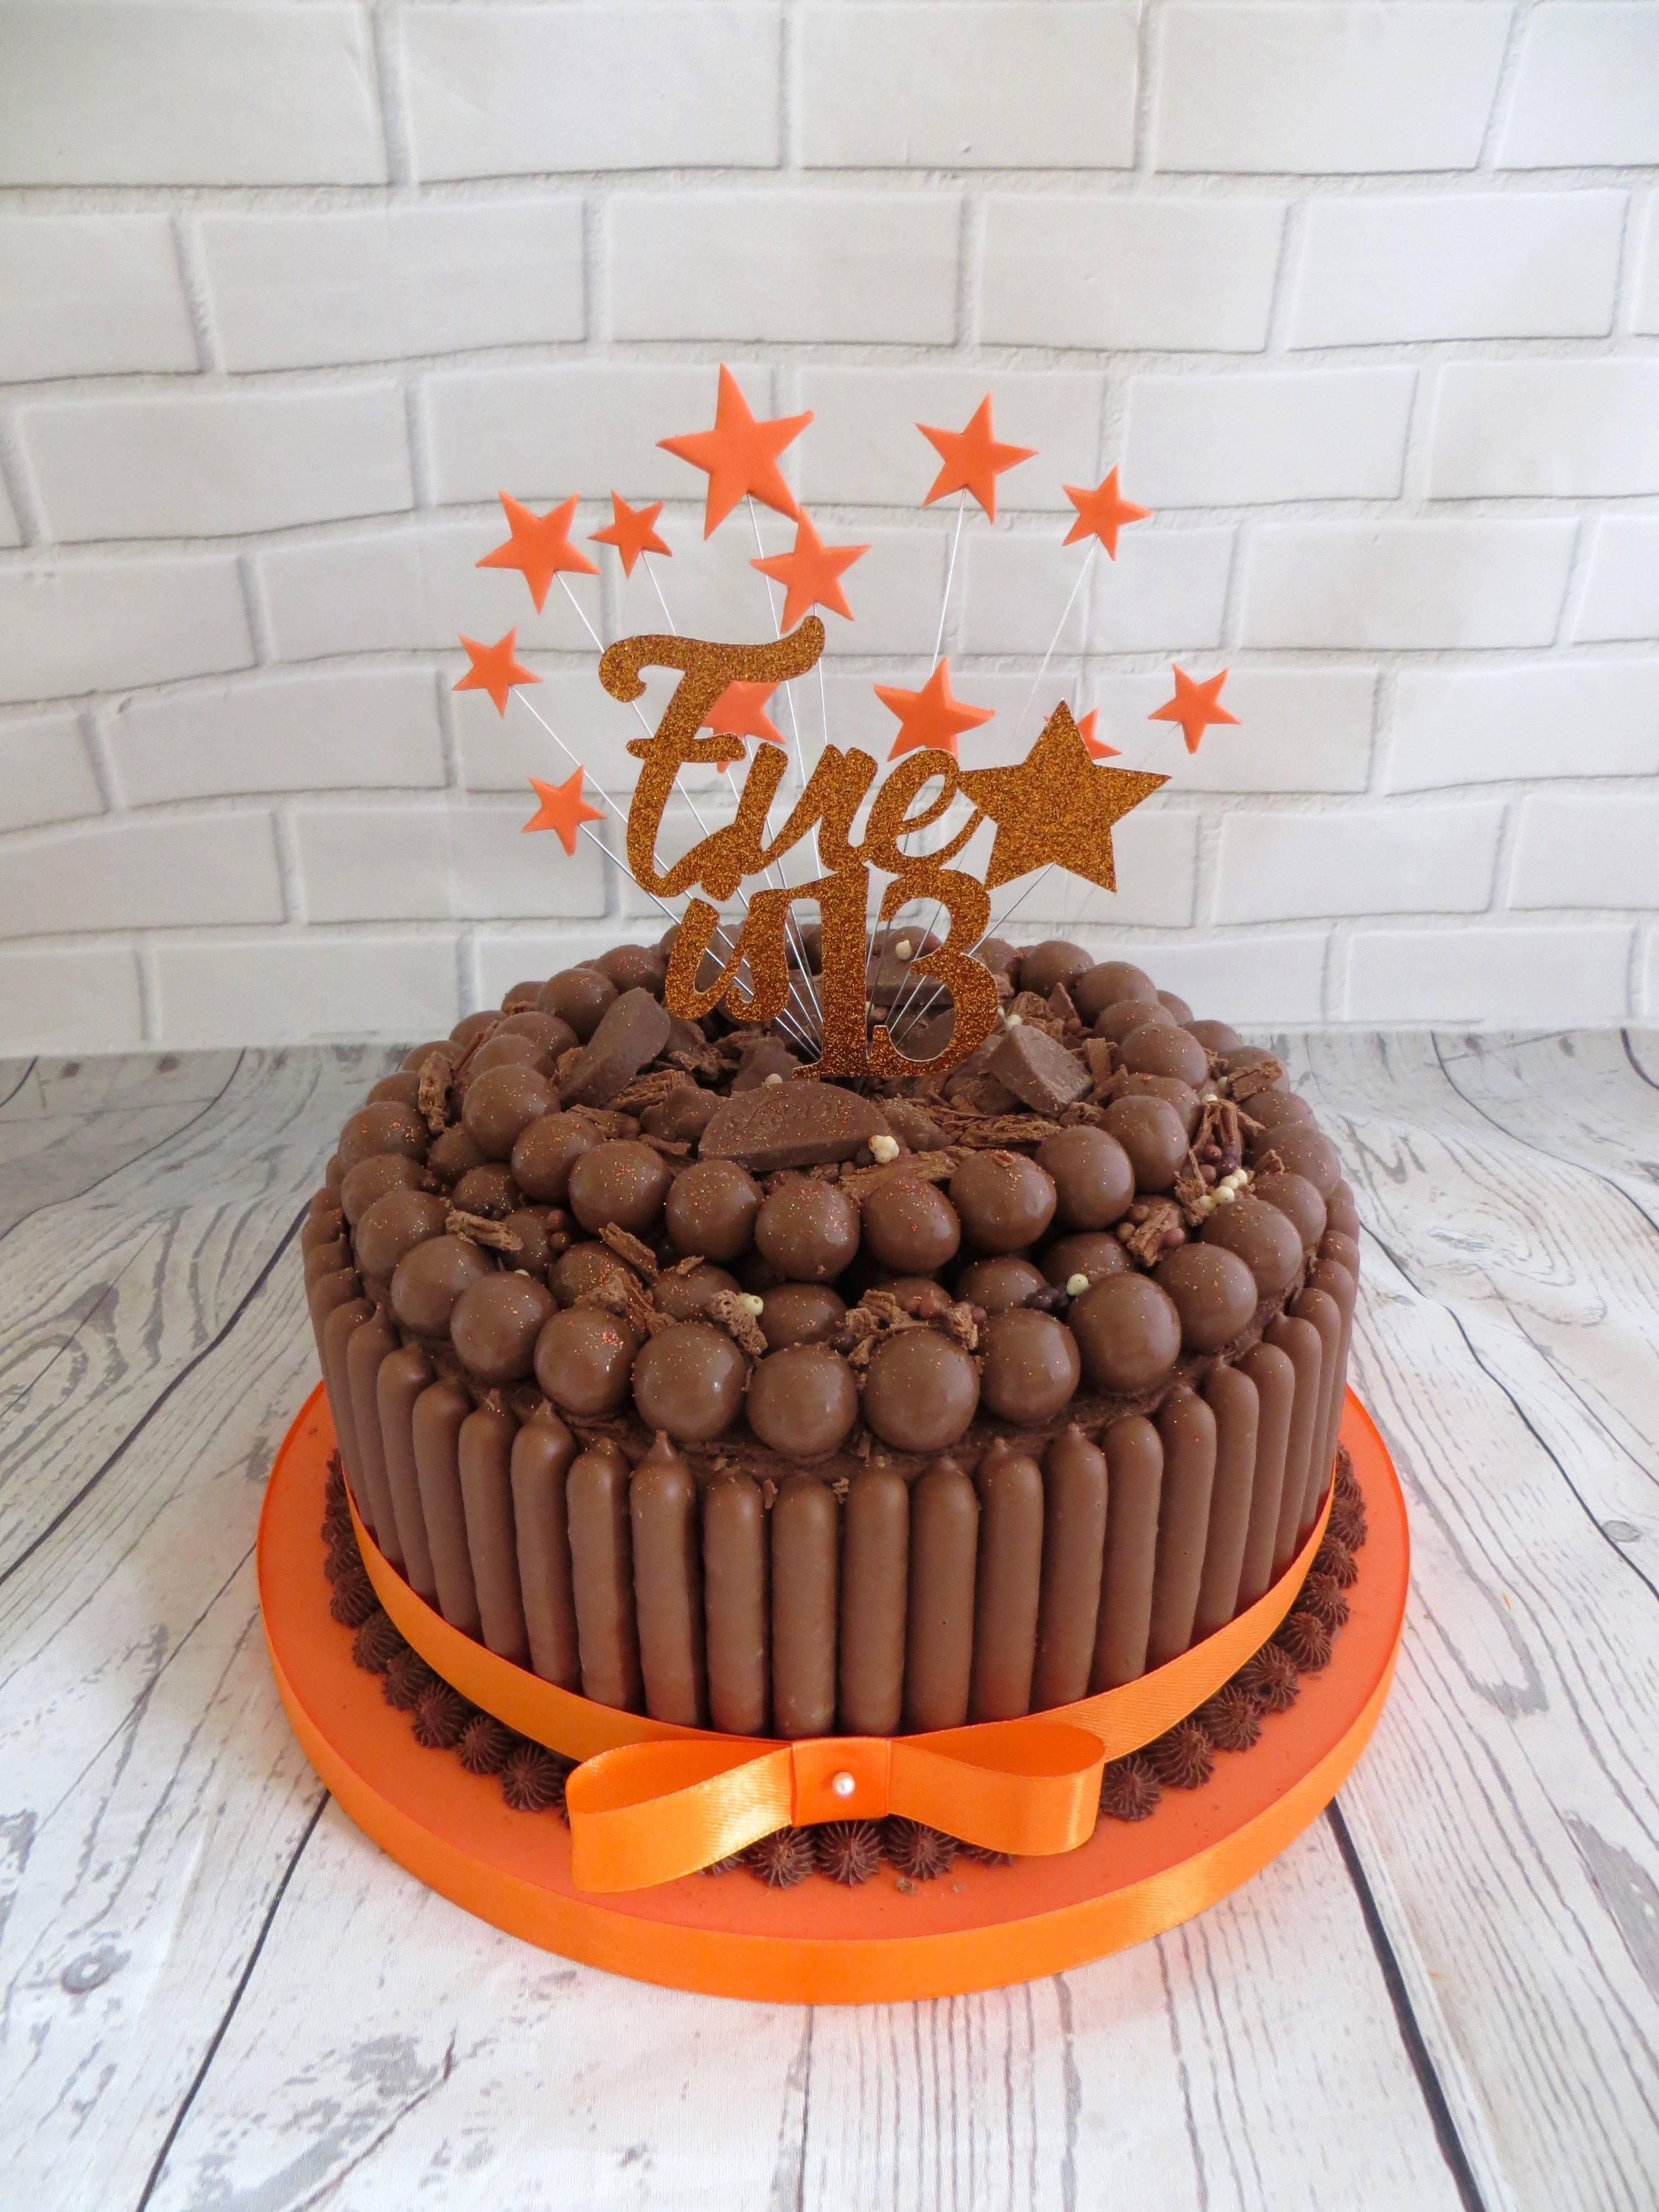 Orange malteser cake